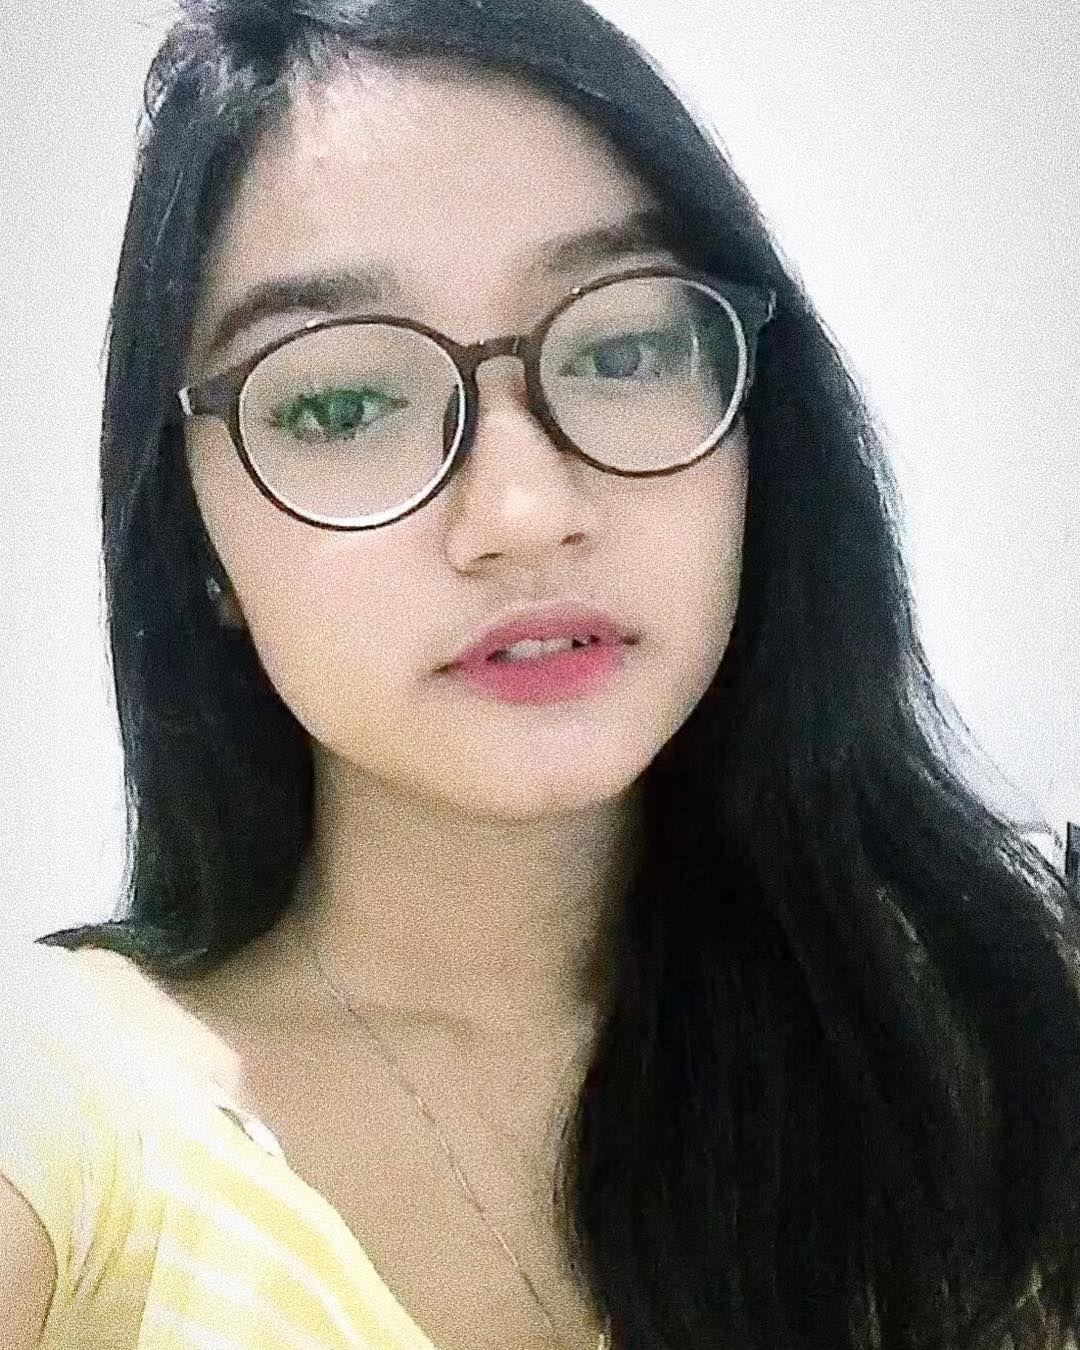 Tujuan pake kacamata Kacamata, Instagram